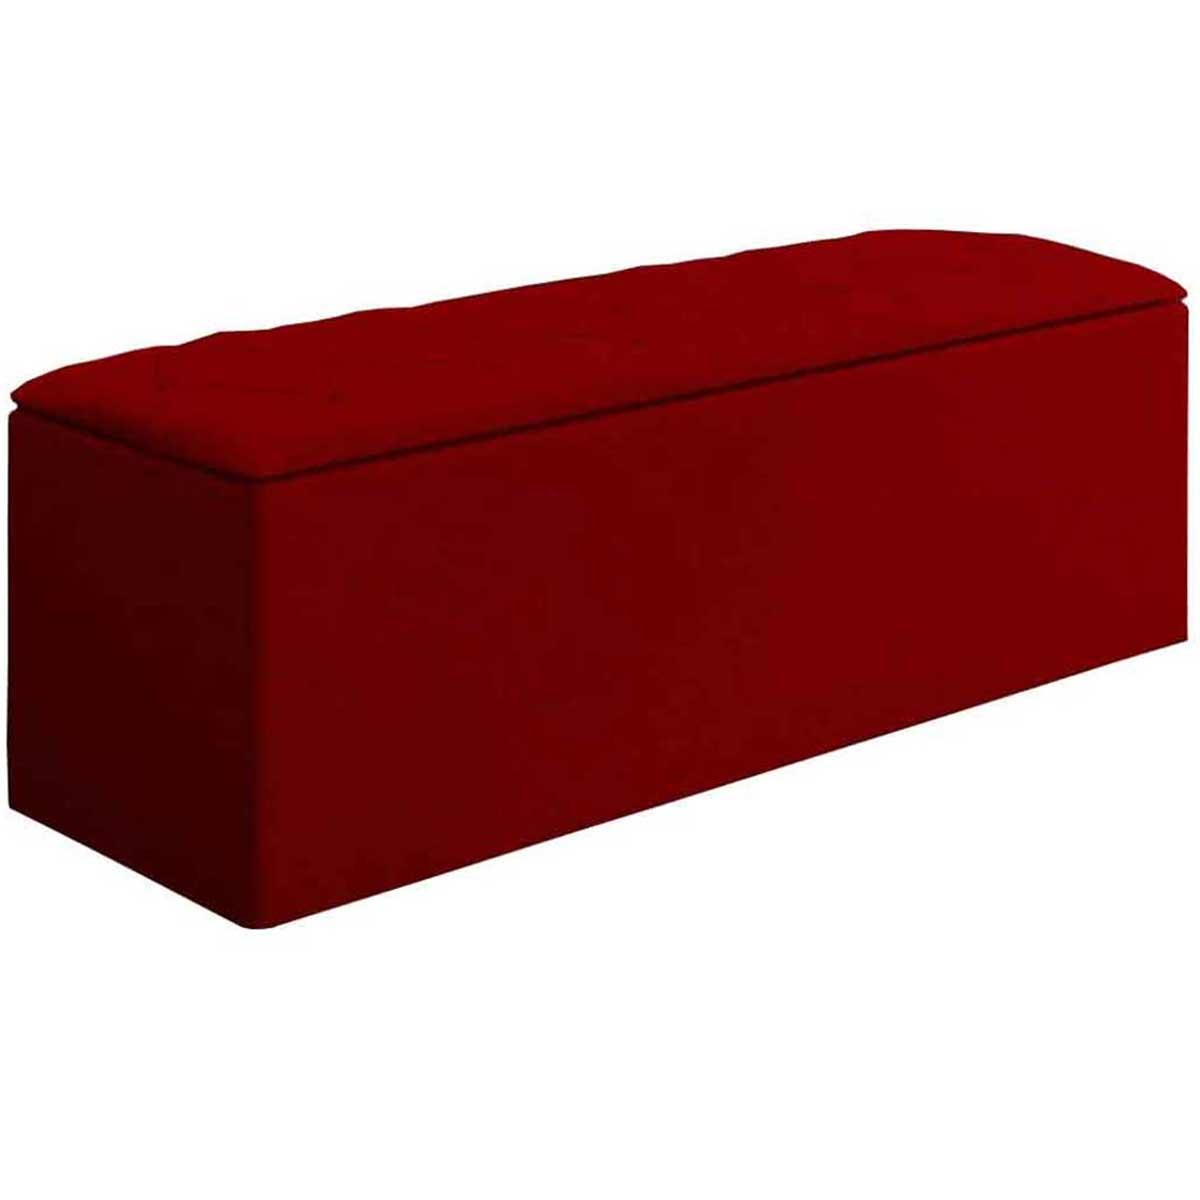 Calçadeira com Baú Paris 140 cm Suede Vermelho JS Móveis